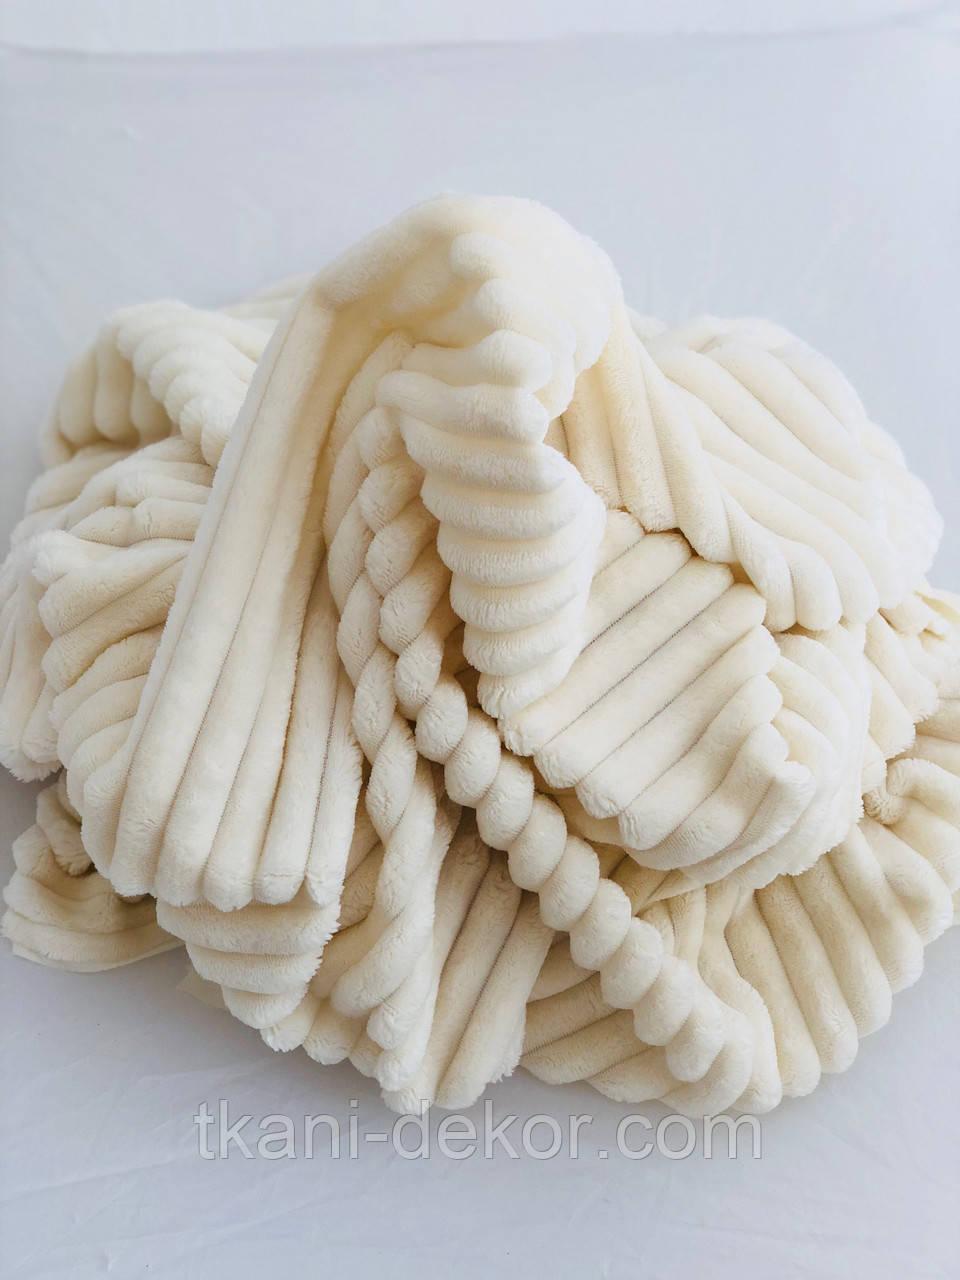 Плюшевая ткань Minky Stripes молочного цвета